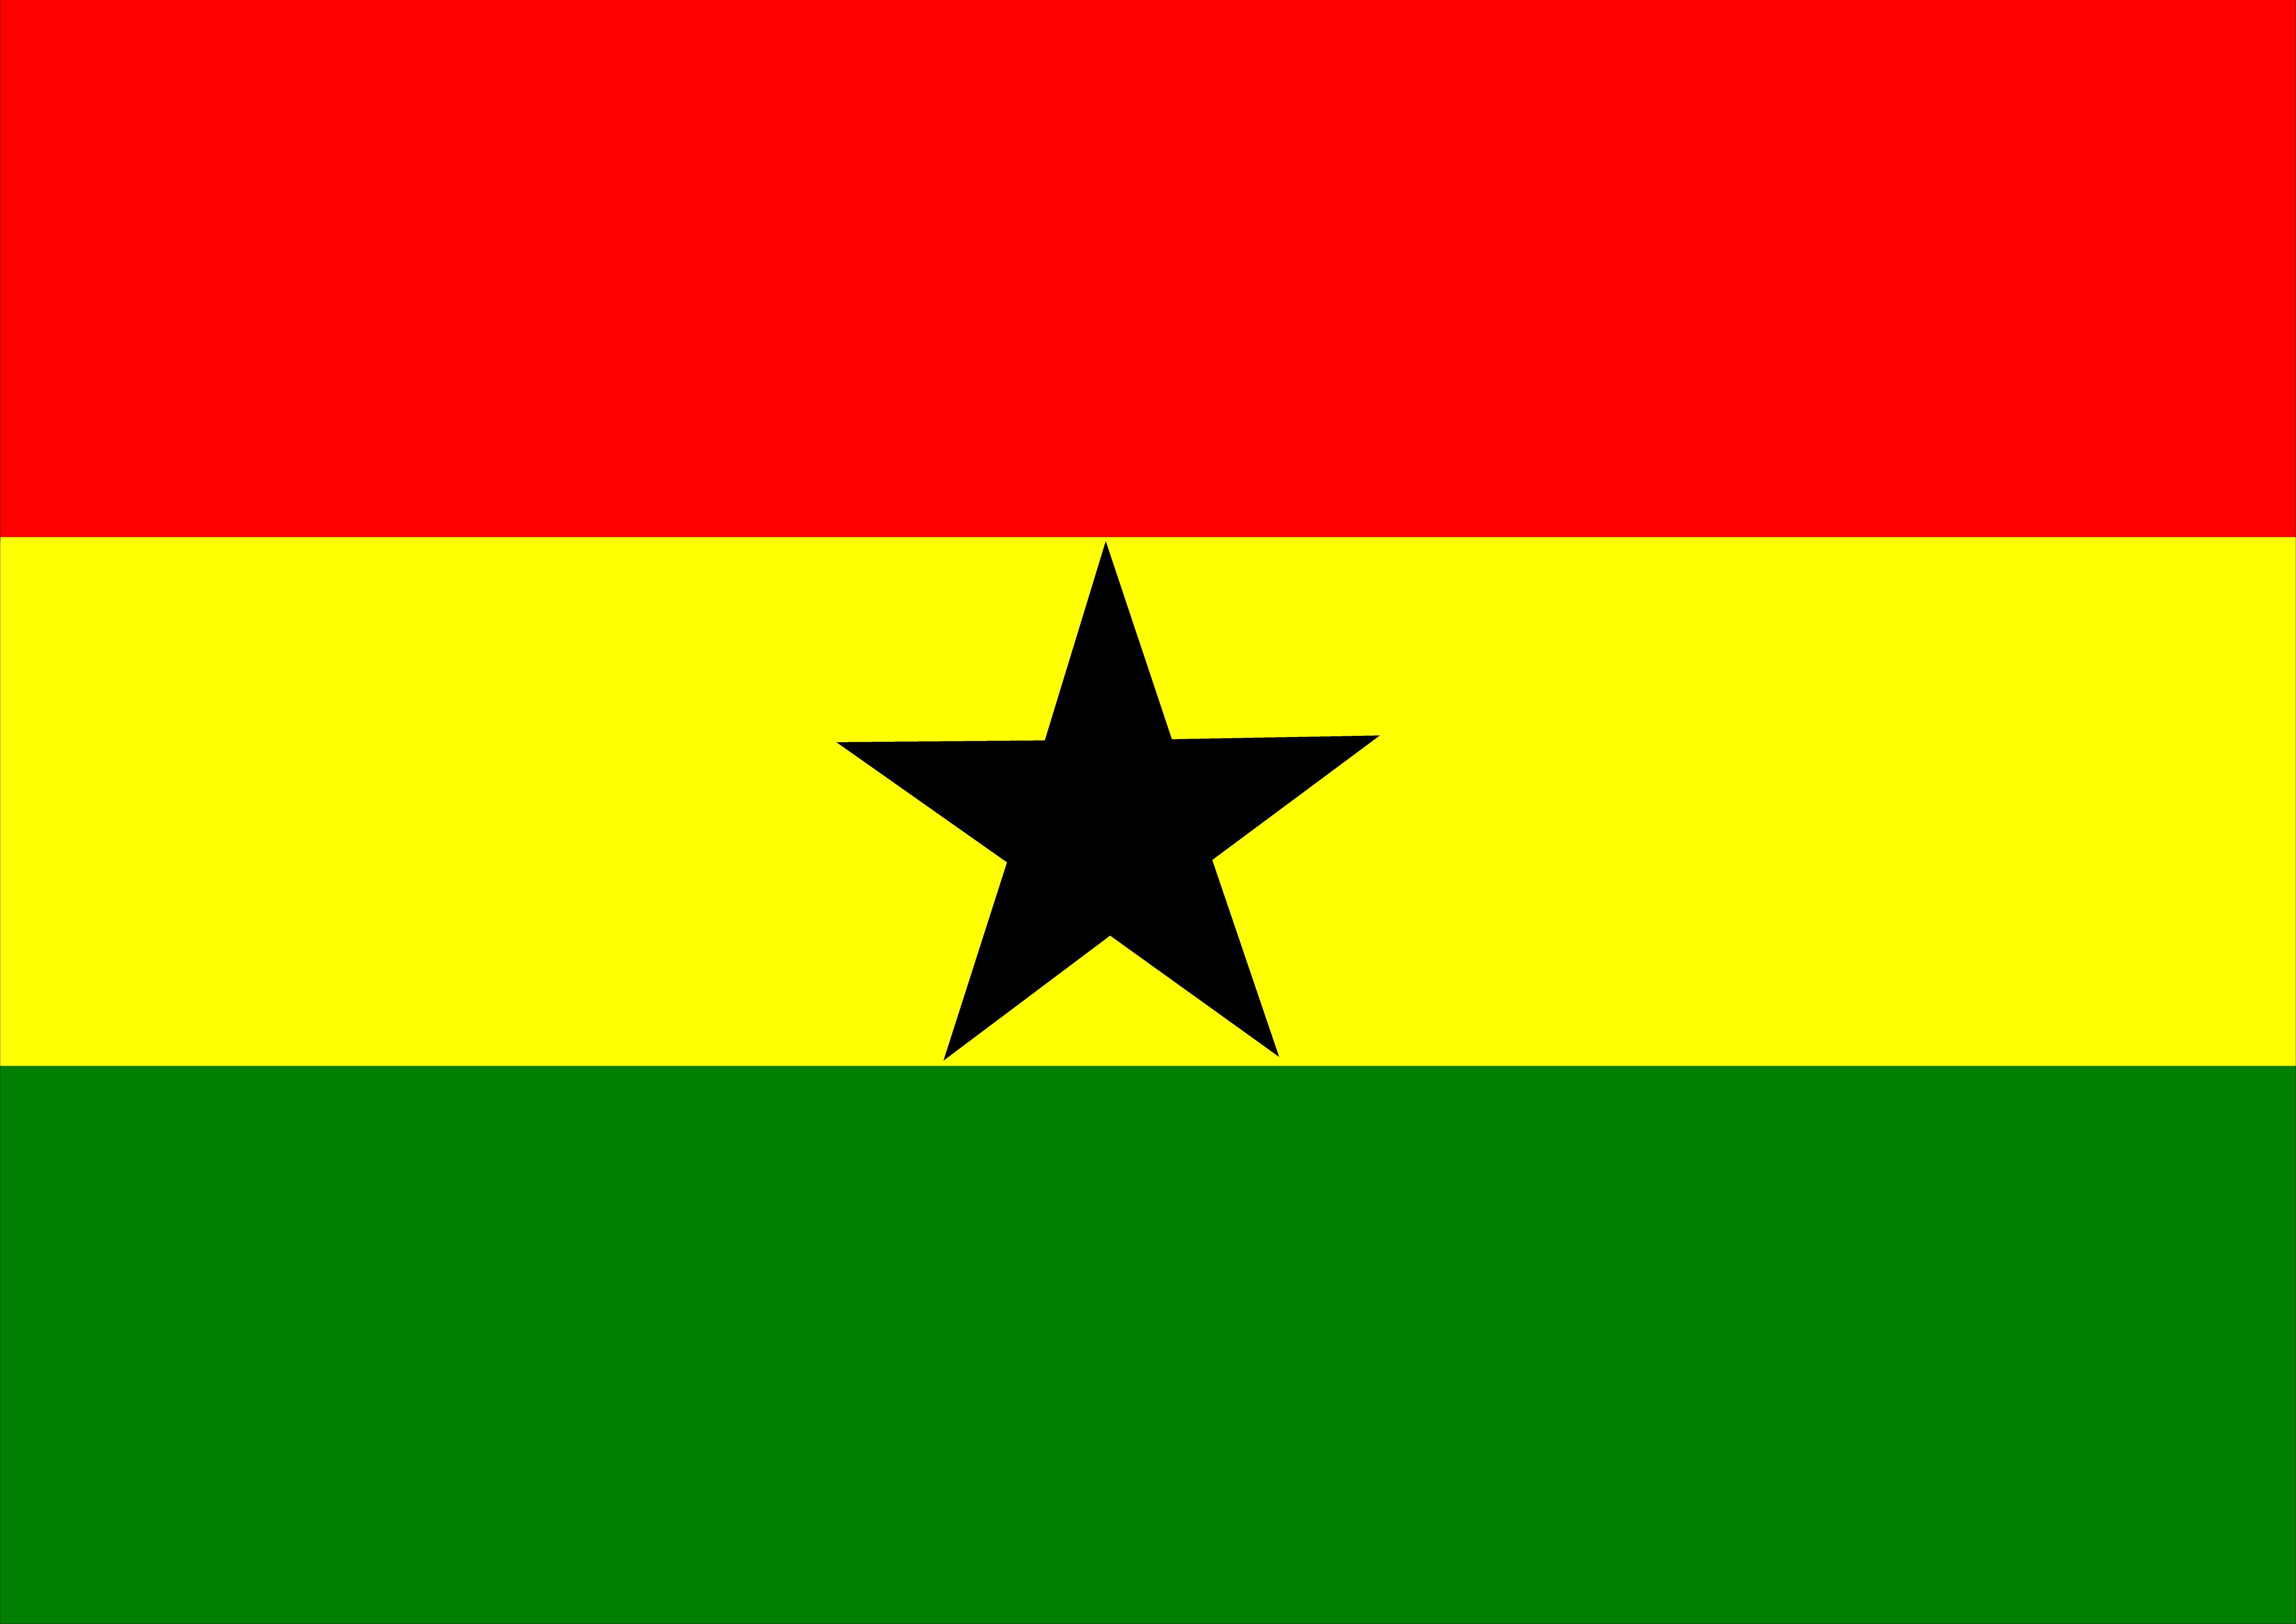 La Federación de Ghana niega haber aceptado amañar partidos